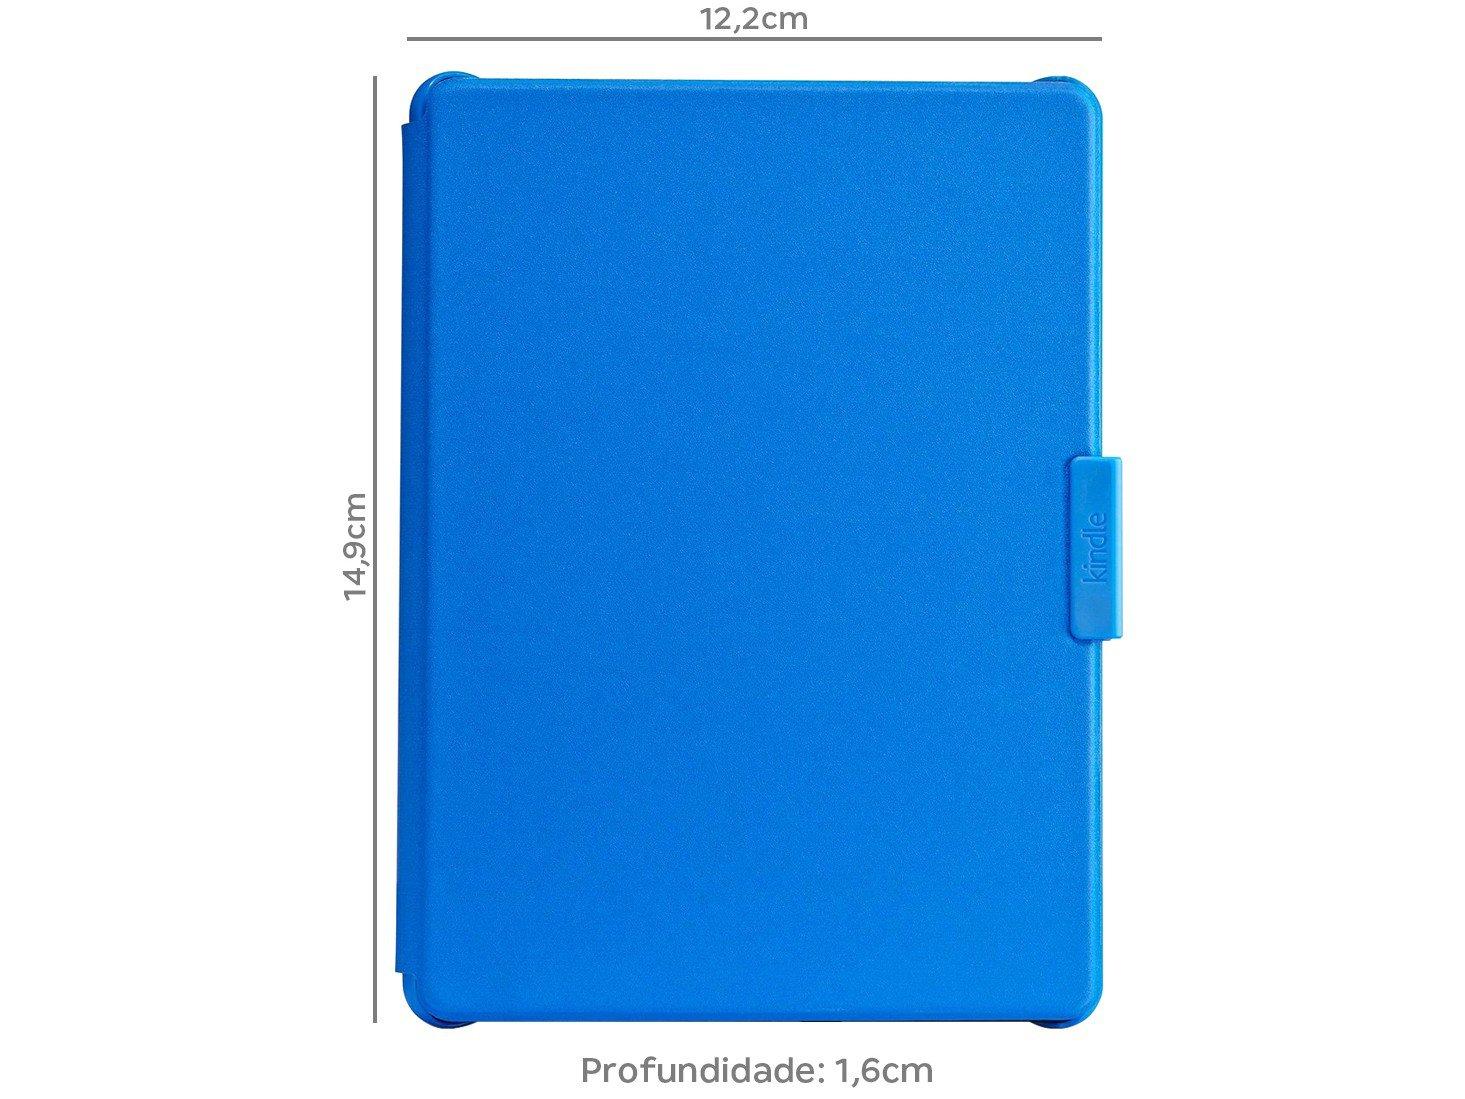 Foto 3 - Capa para Kindle 8ª Geração Azul AO0517 - Amazon